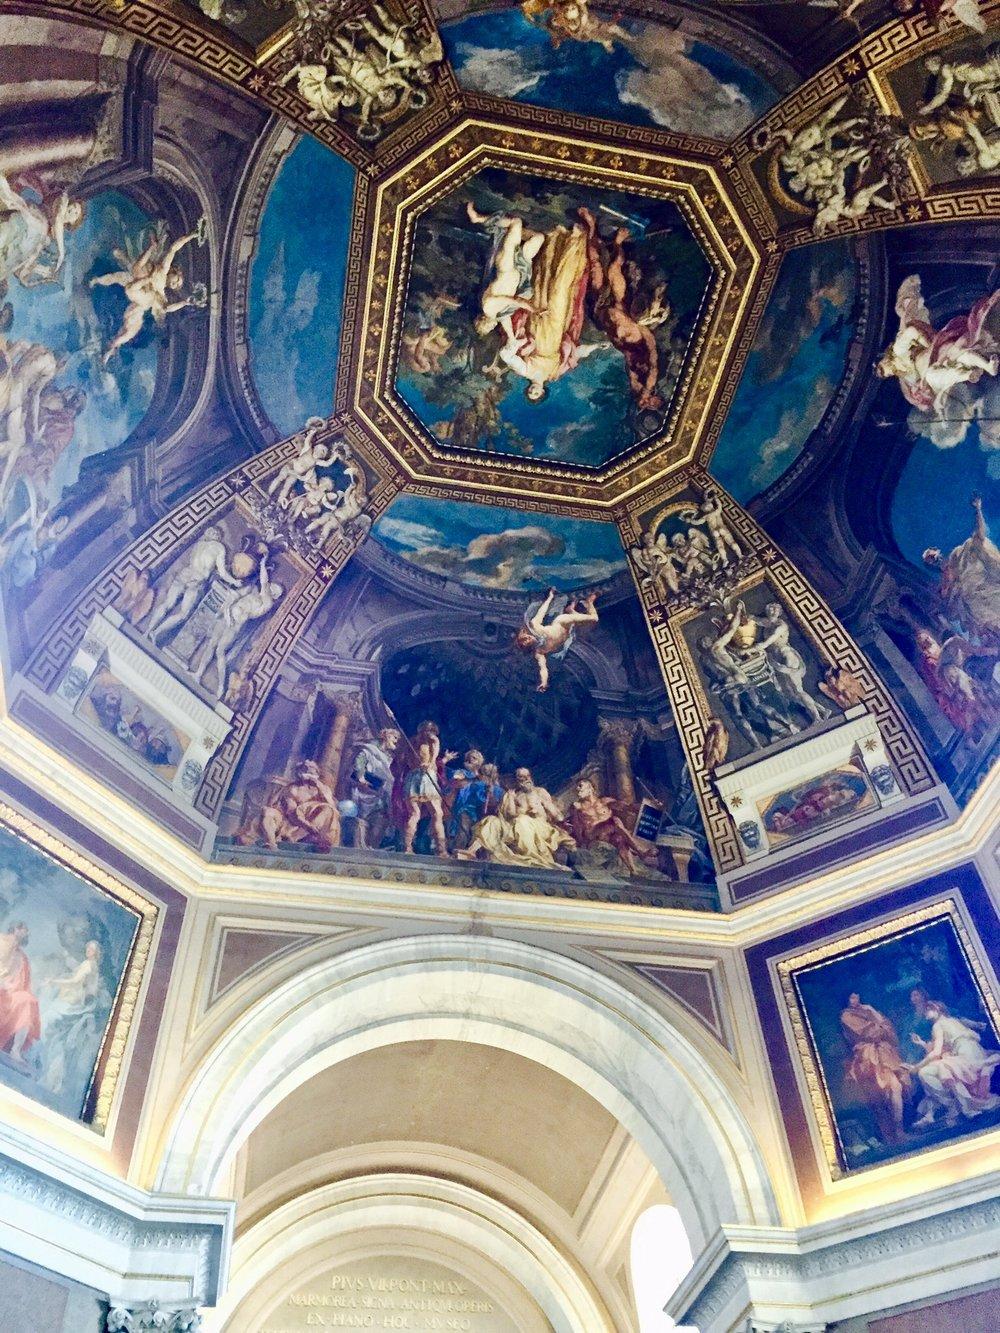 sistinechapel ceiling.jpg